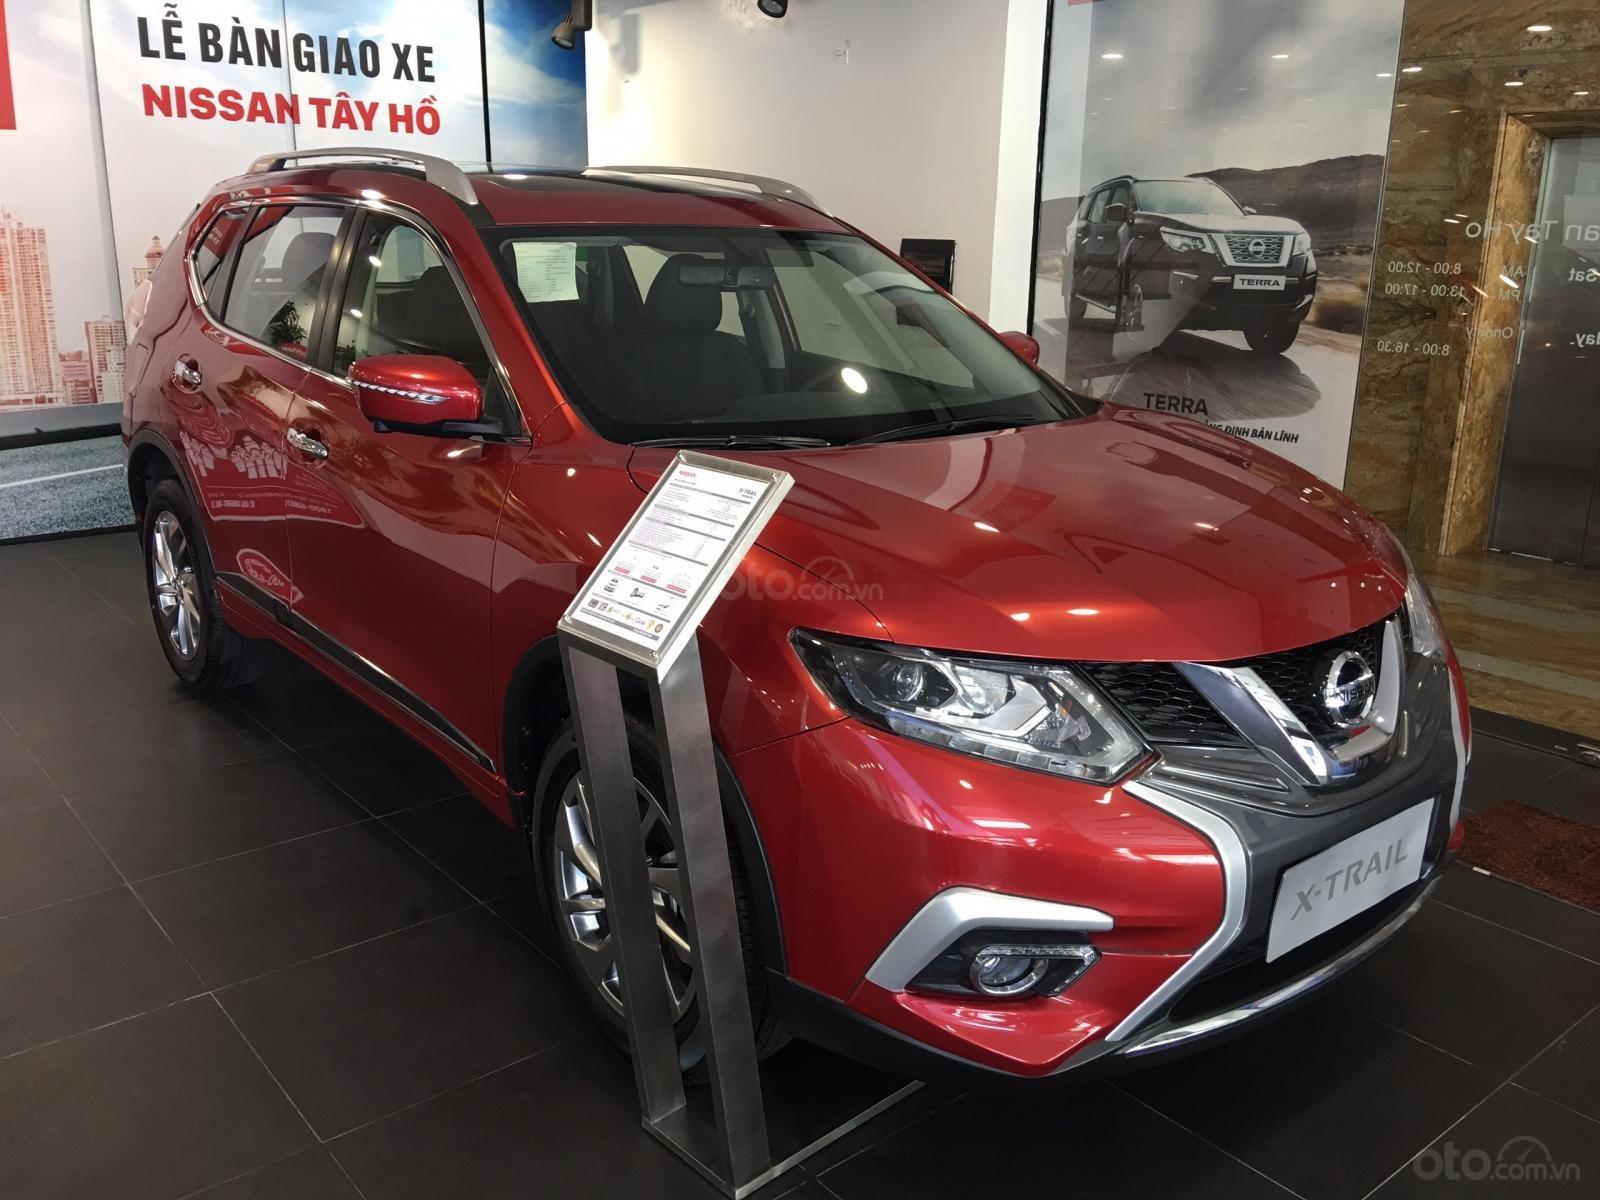 Giá hot miền Bắc: Nissan Xtrail 2.5 SV Luxury - giá 900 triệu nhiều ưu đãi lớn, hỗ trợ trả góp 80%, trải nghiệm lái thử (1)